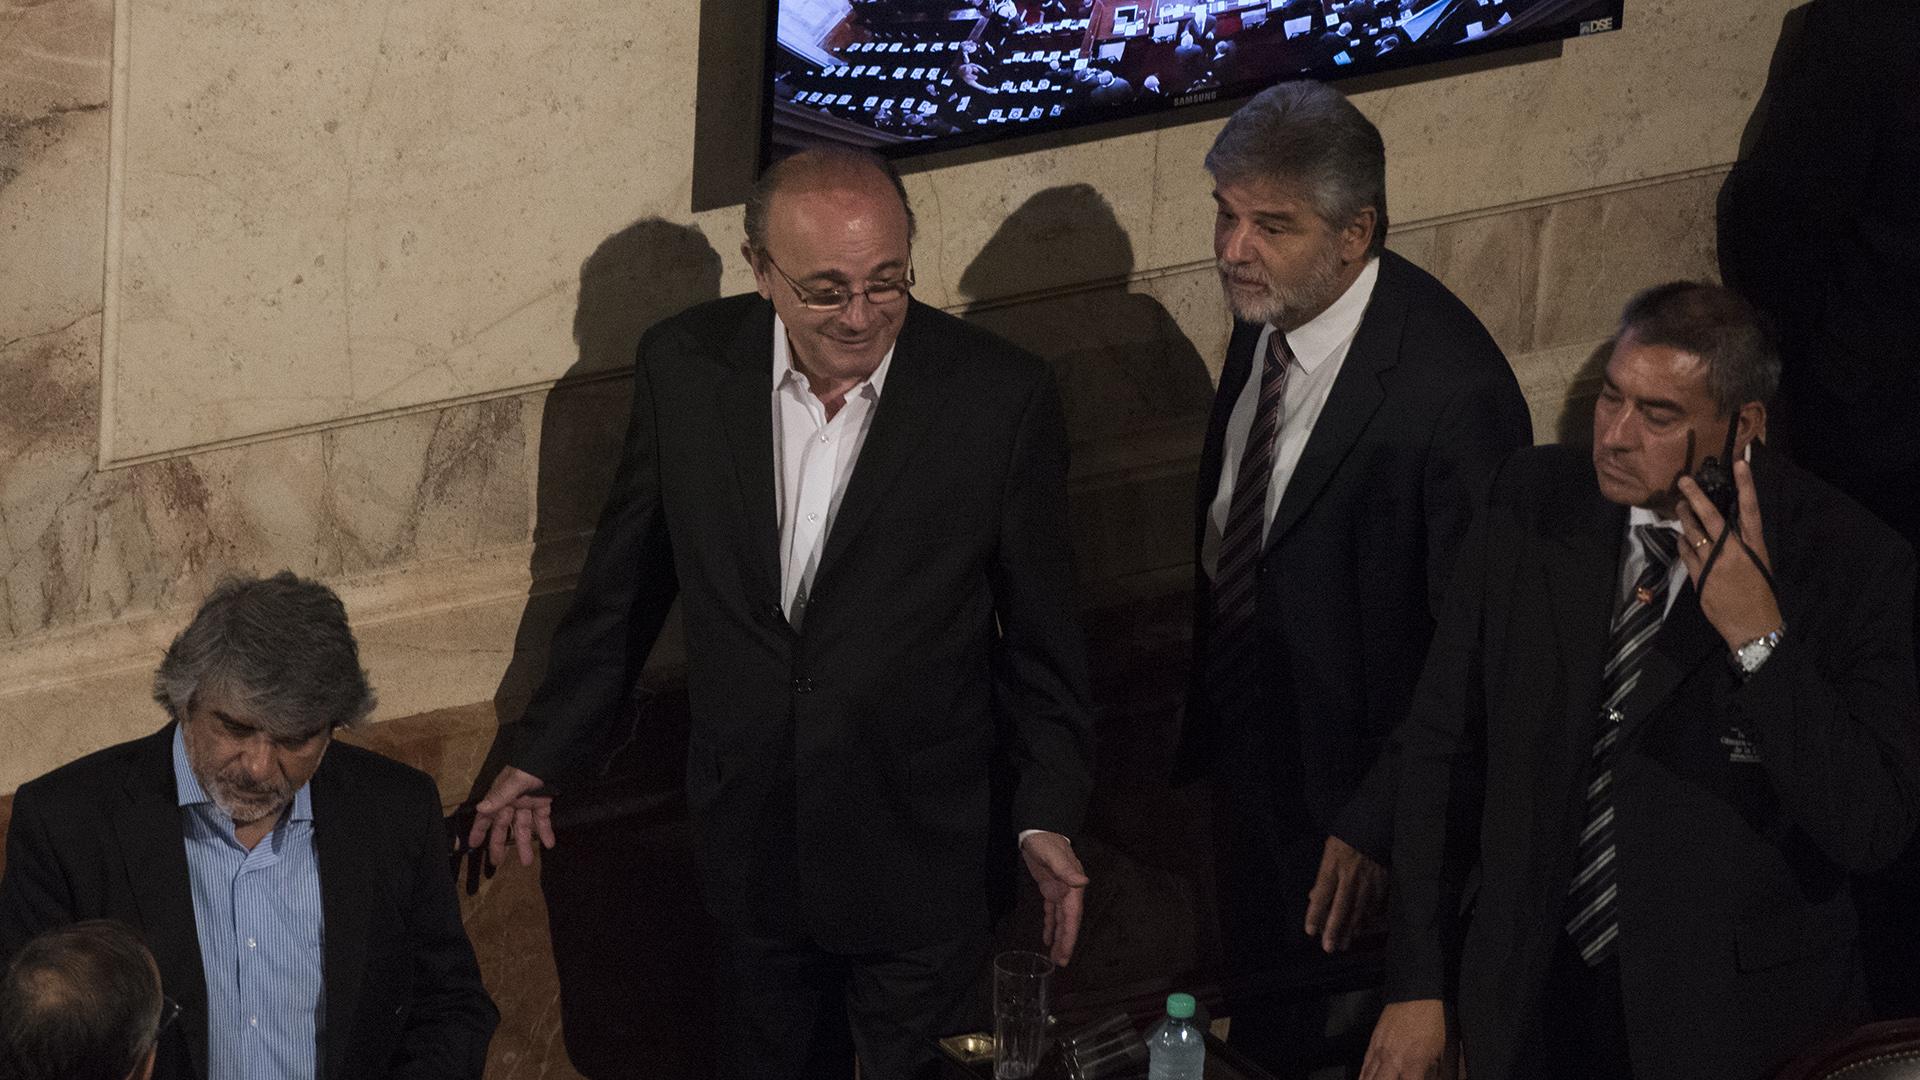 Leopoldo Moreau y Daniel Filmus se acomodan en el recinto